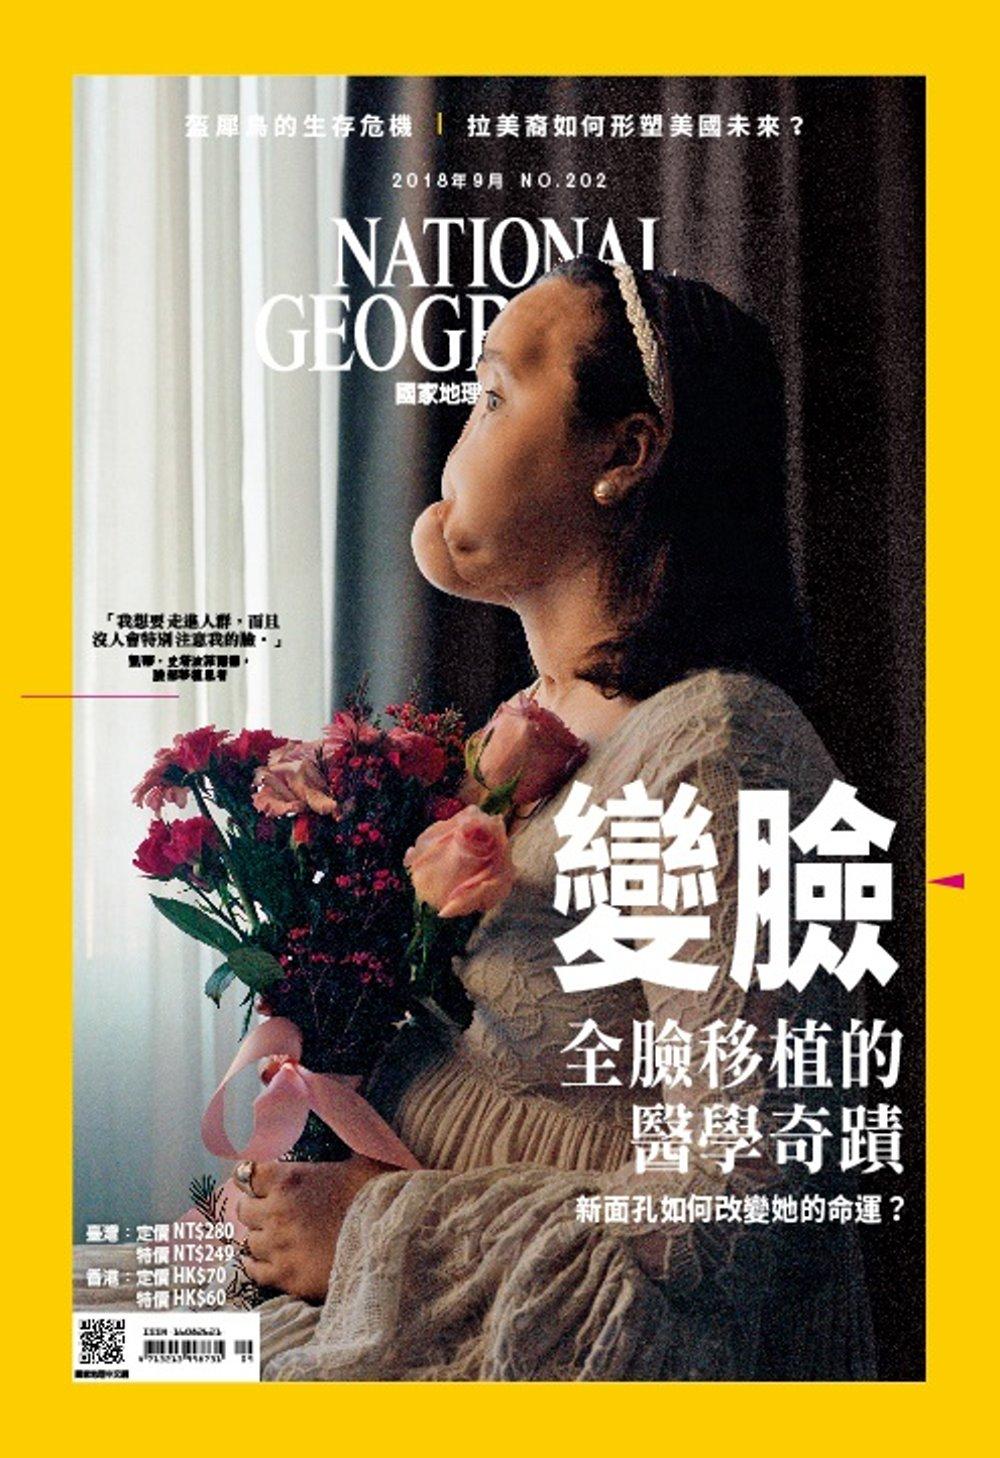 家地理雜誌中文版 9月號/2018 第202期